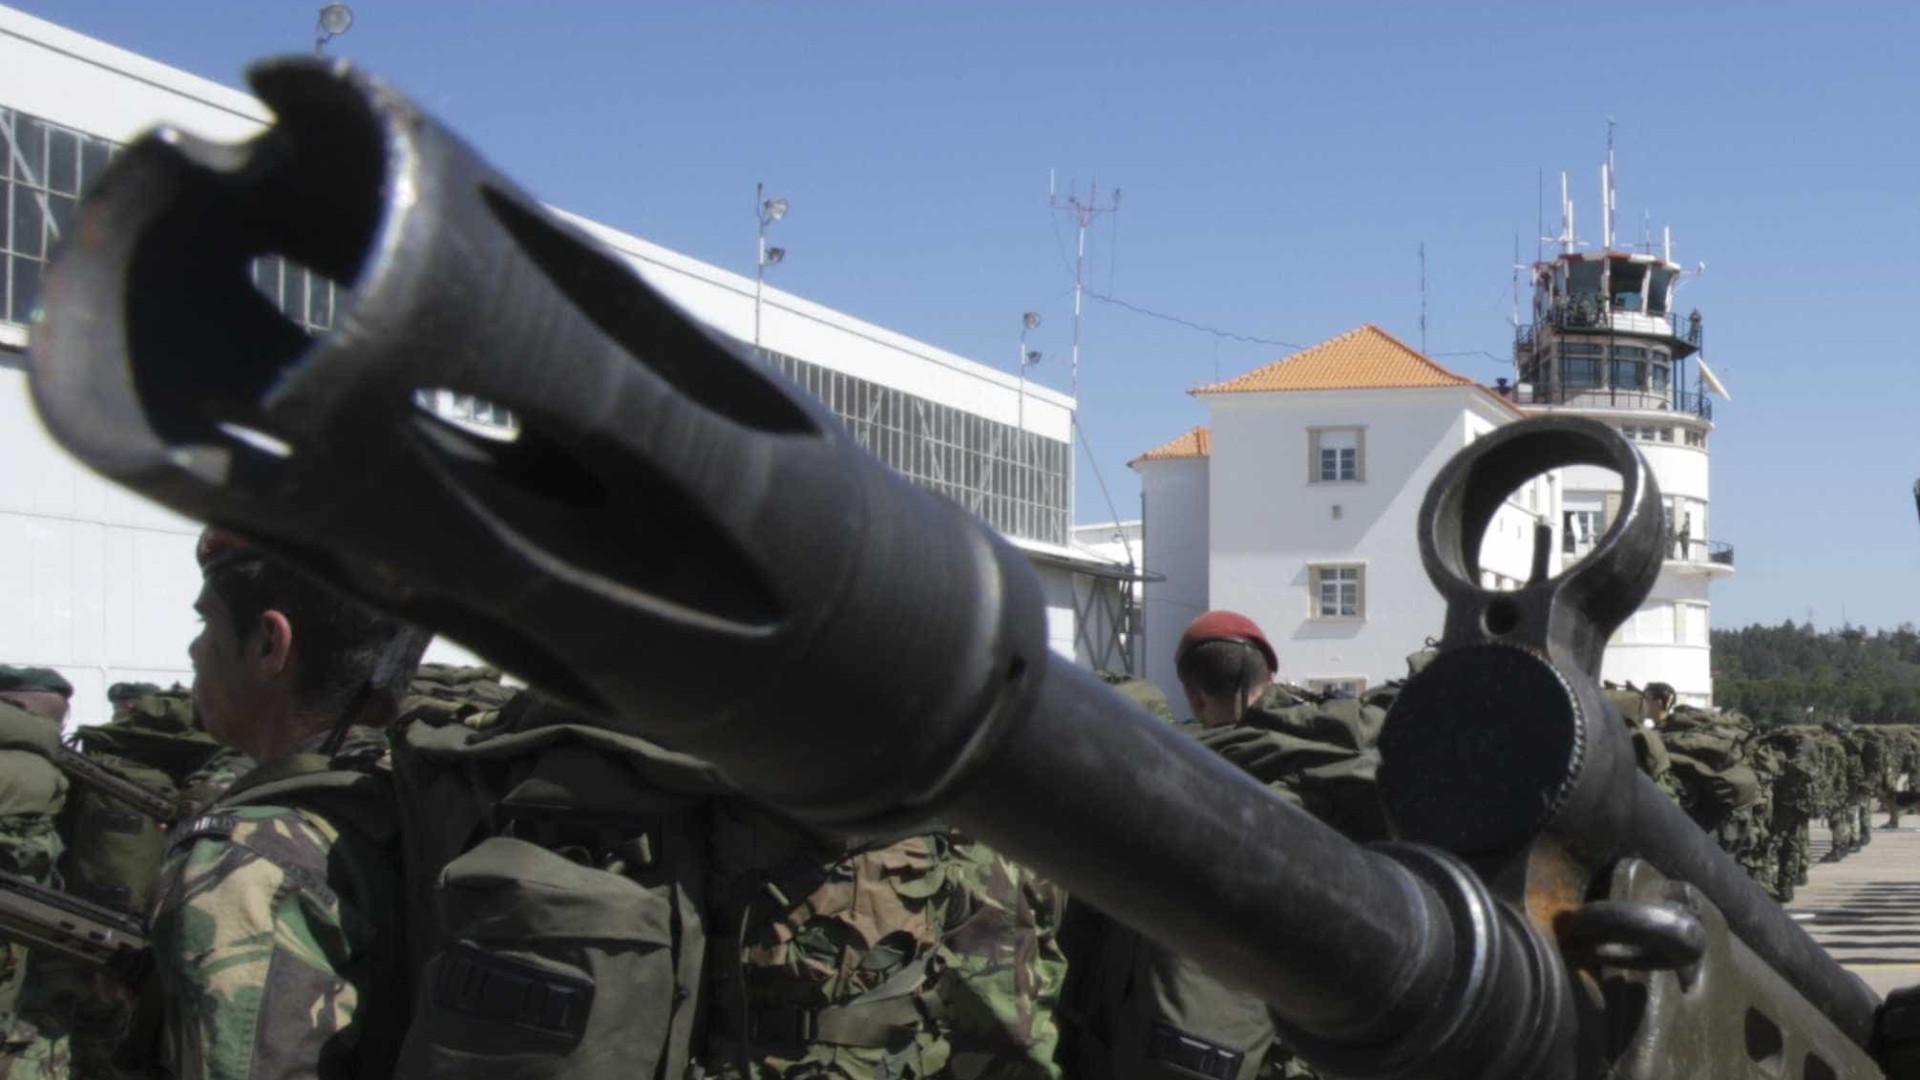 Imprensa espanhola divulga material de guerra roubado em Tancos